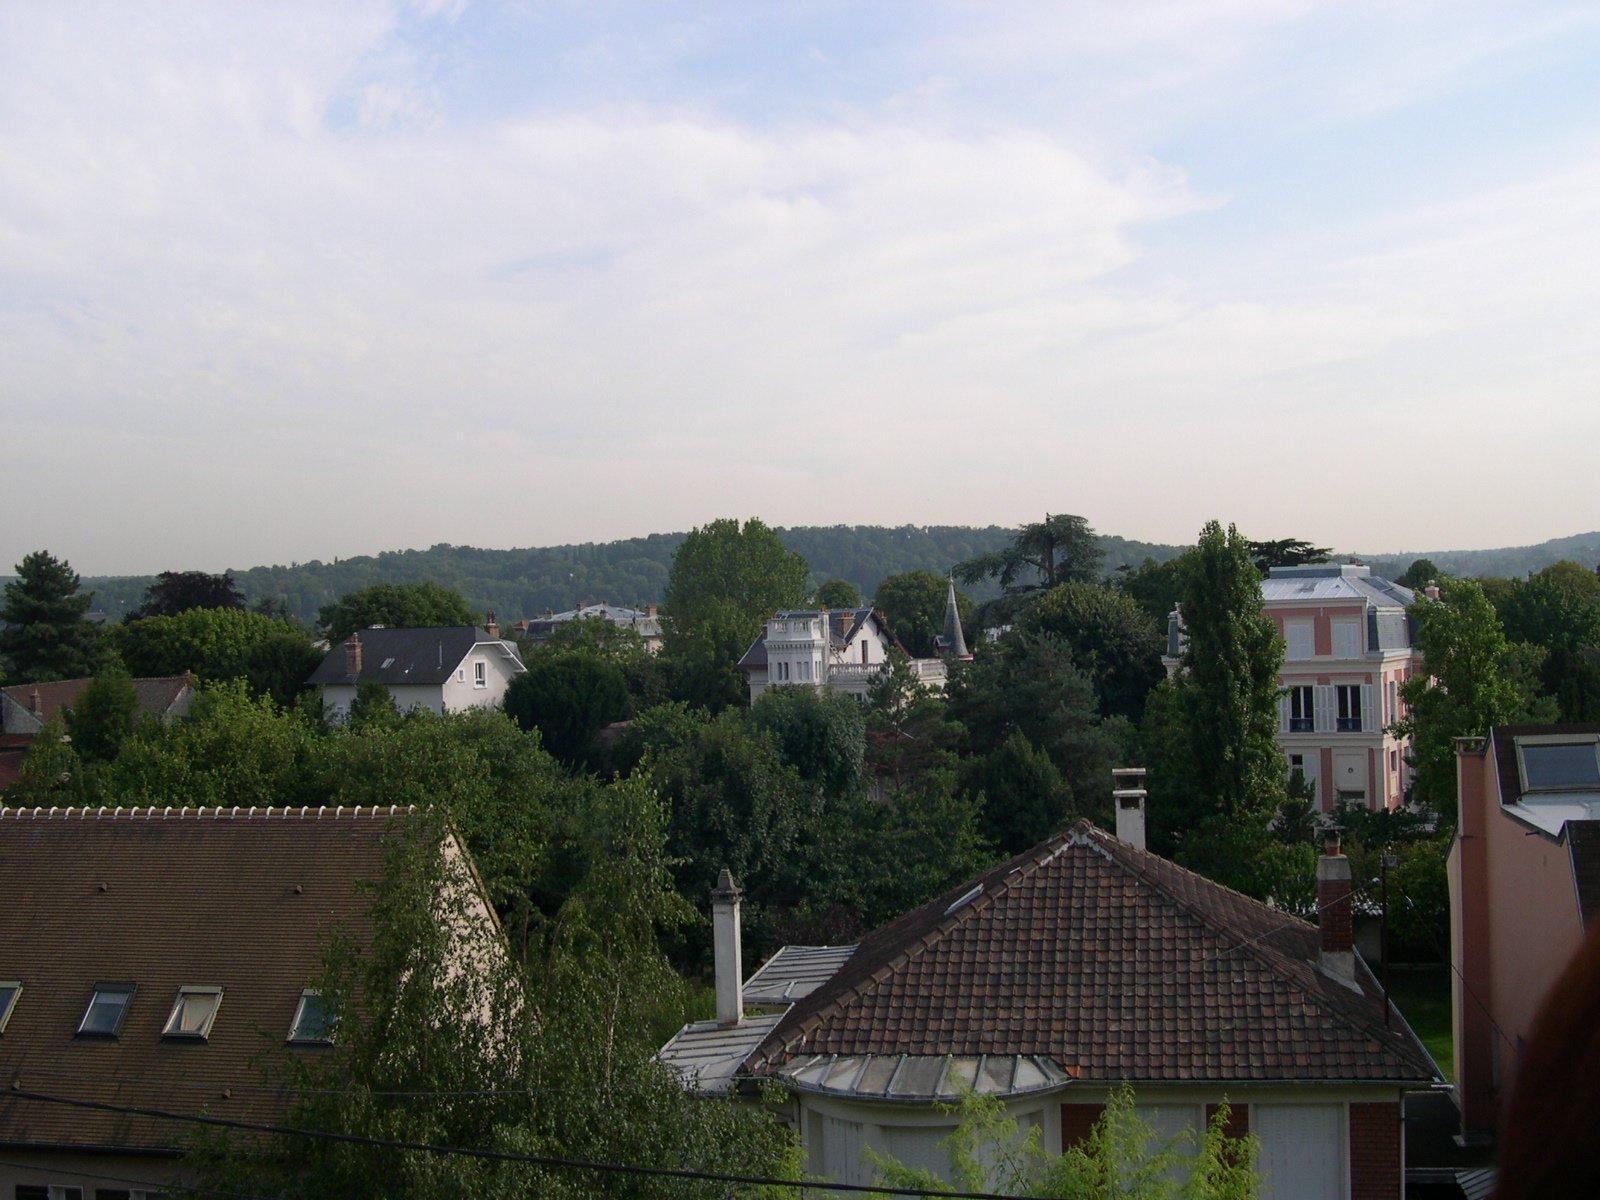 Chatou bas côté Croissy, à 7 min à pied du RER.